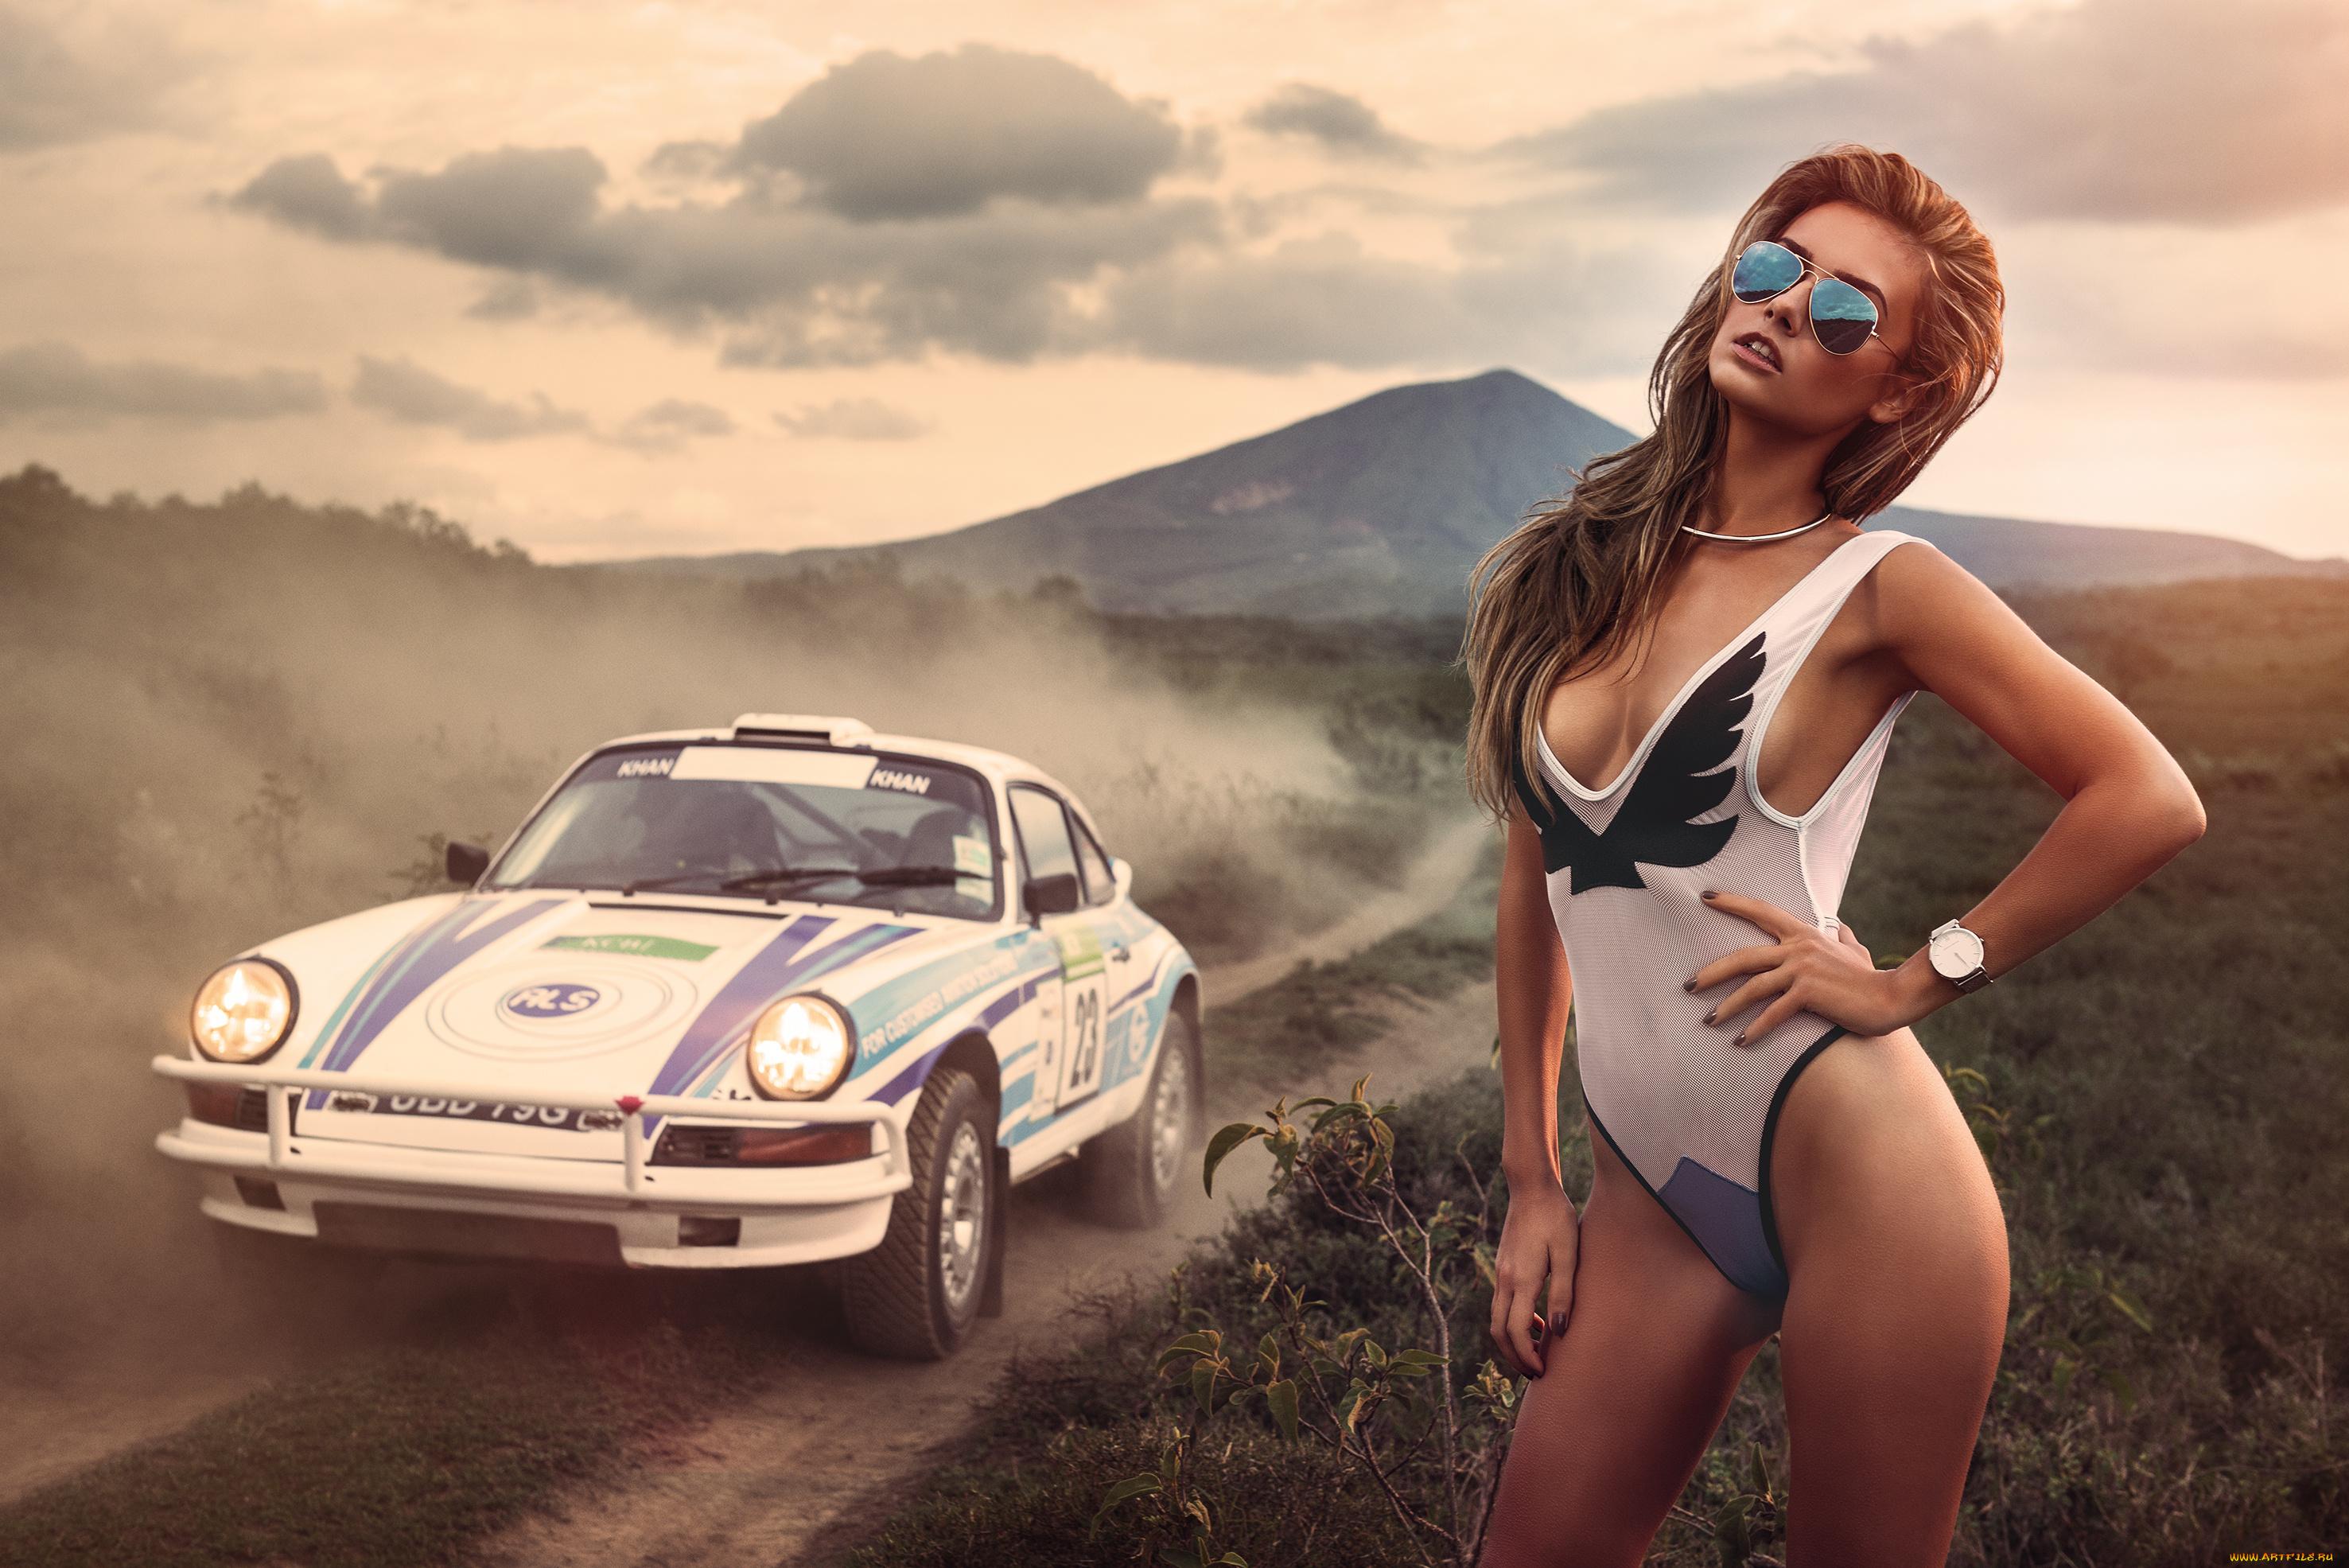 Девушки в купальниках и машины